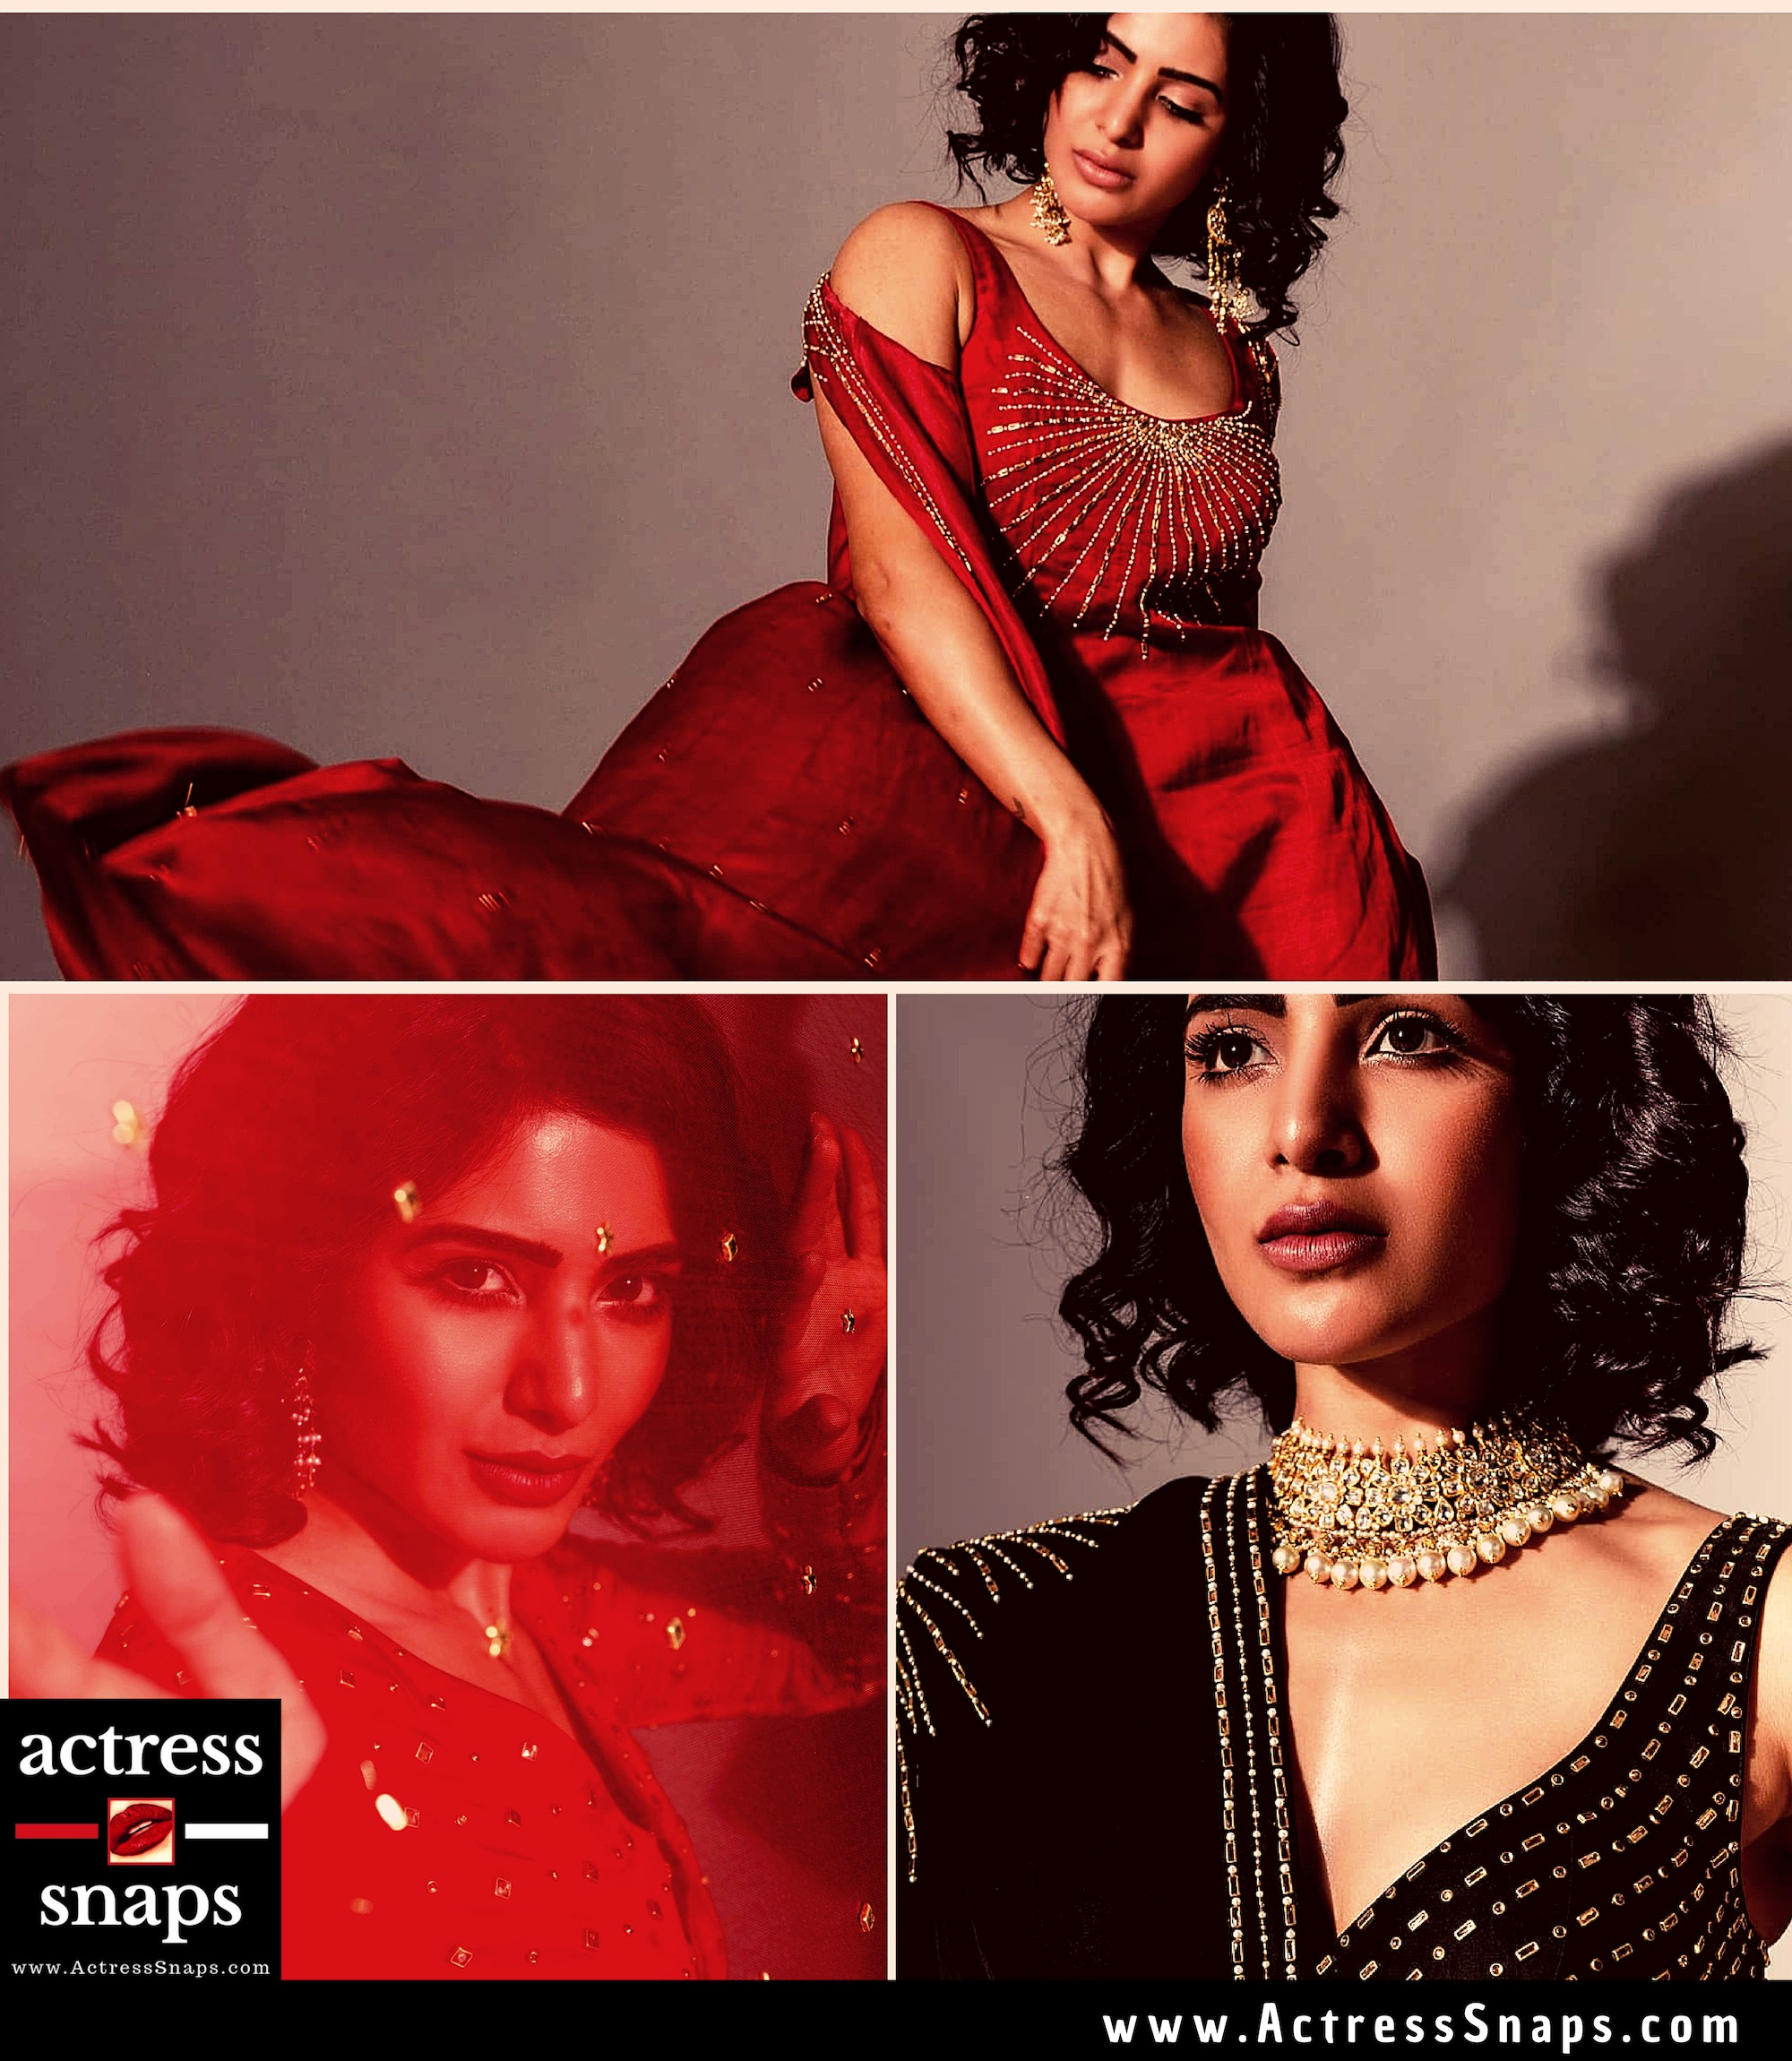 Actress Samantha - Latest Photoshoot - Sexy Actress Pictures | Hot Actress Pictures - ActressSnaps.com